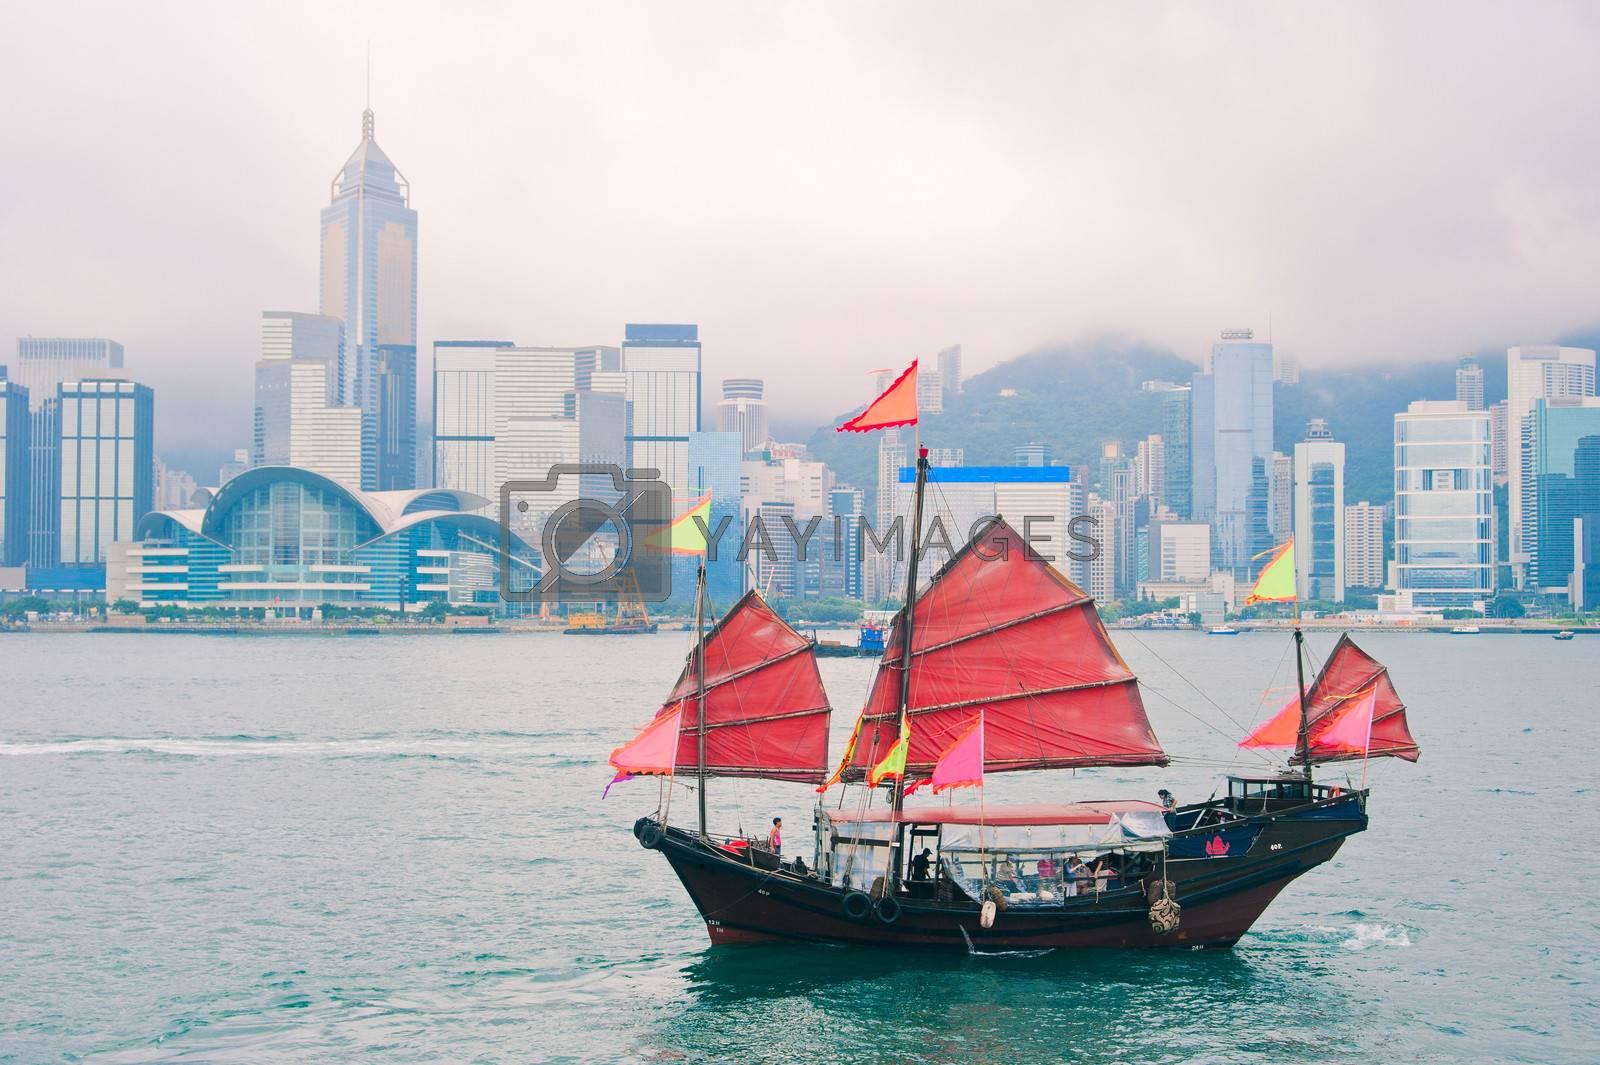 Traditional chinese-style sailboat sailing in Hong Kong harbor